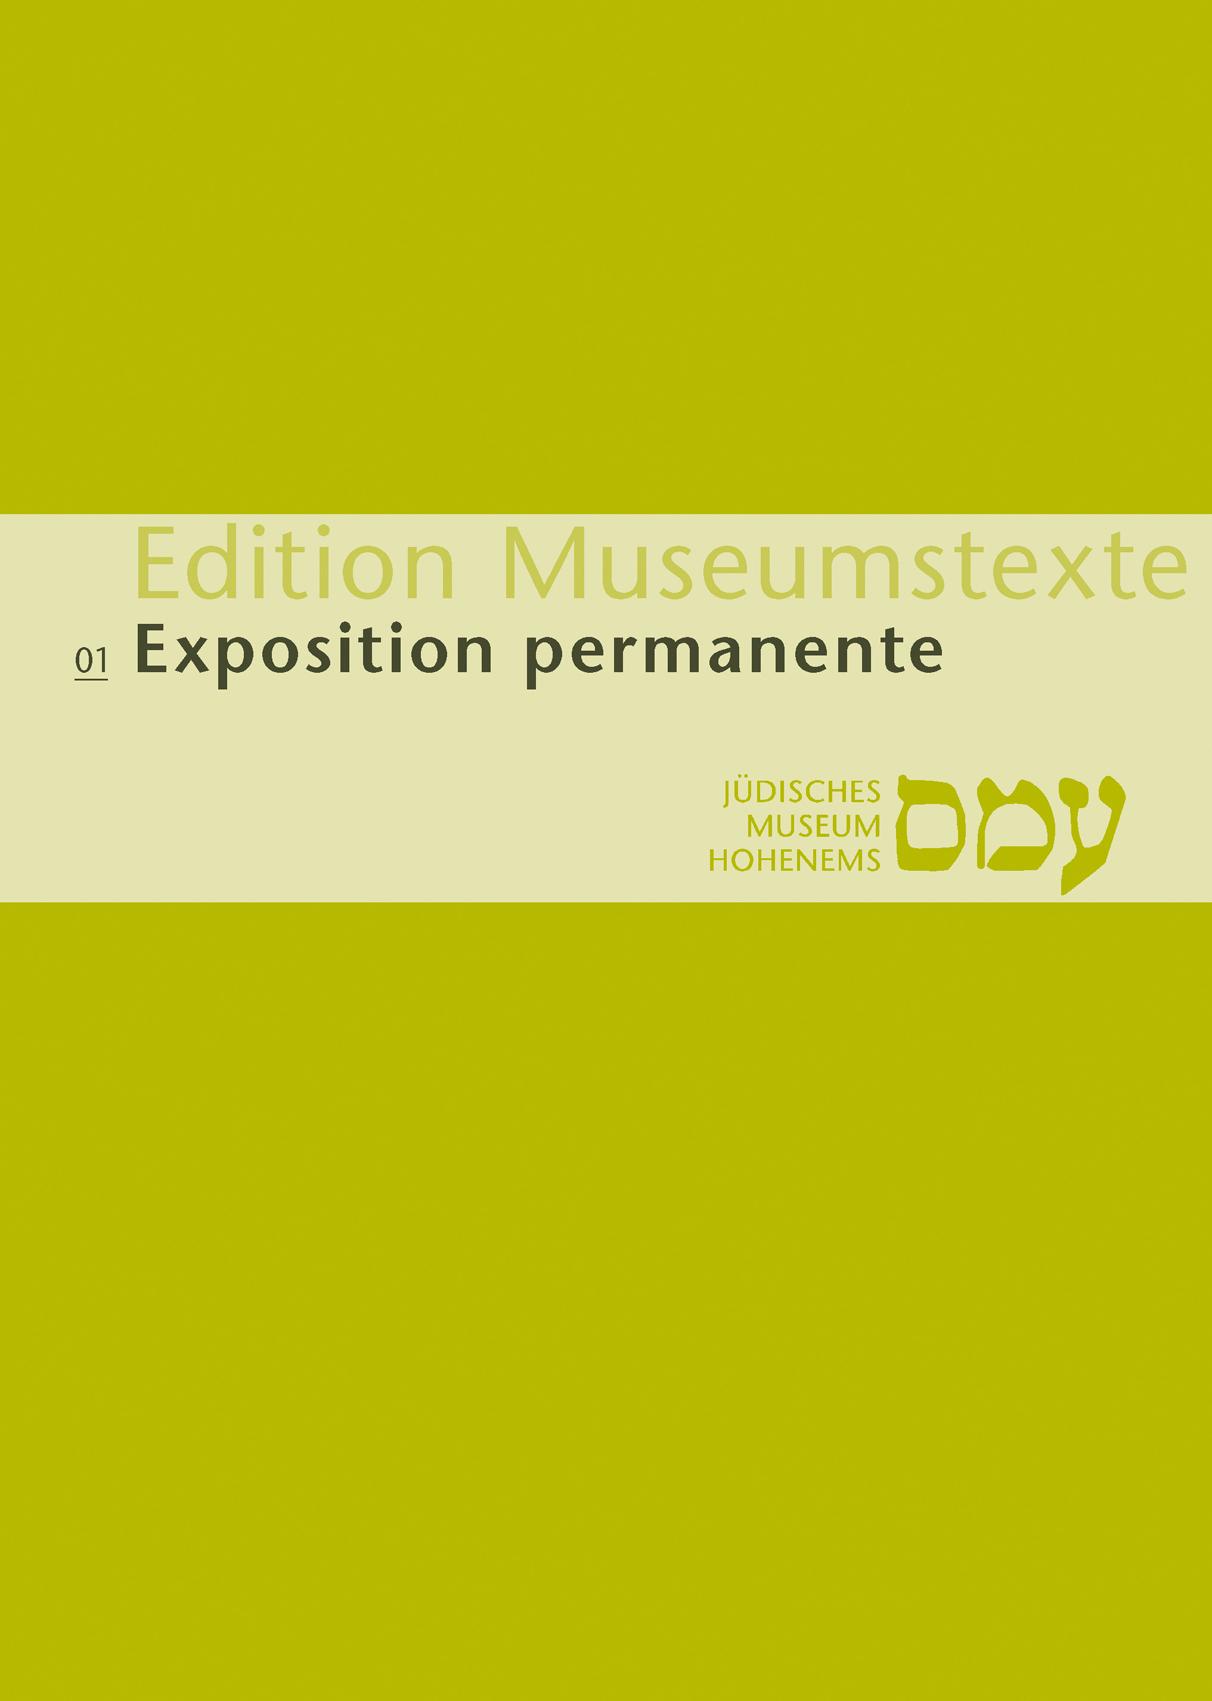 Publikation Exposition permanente